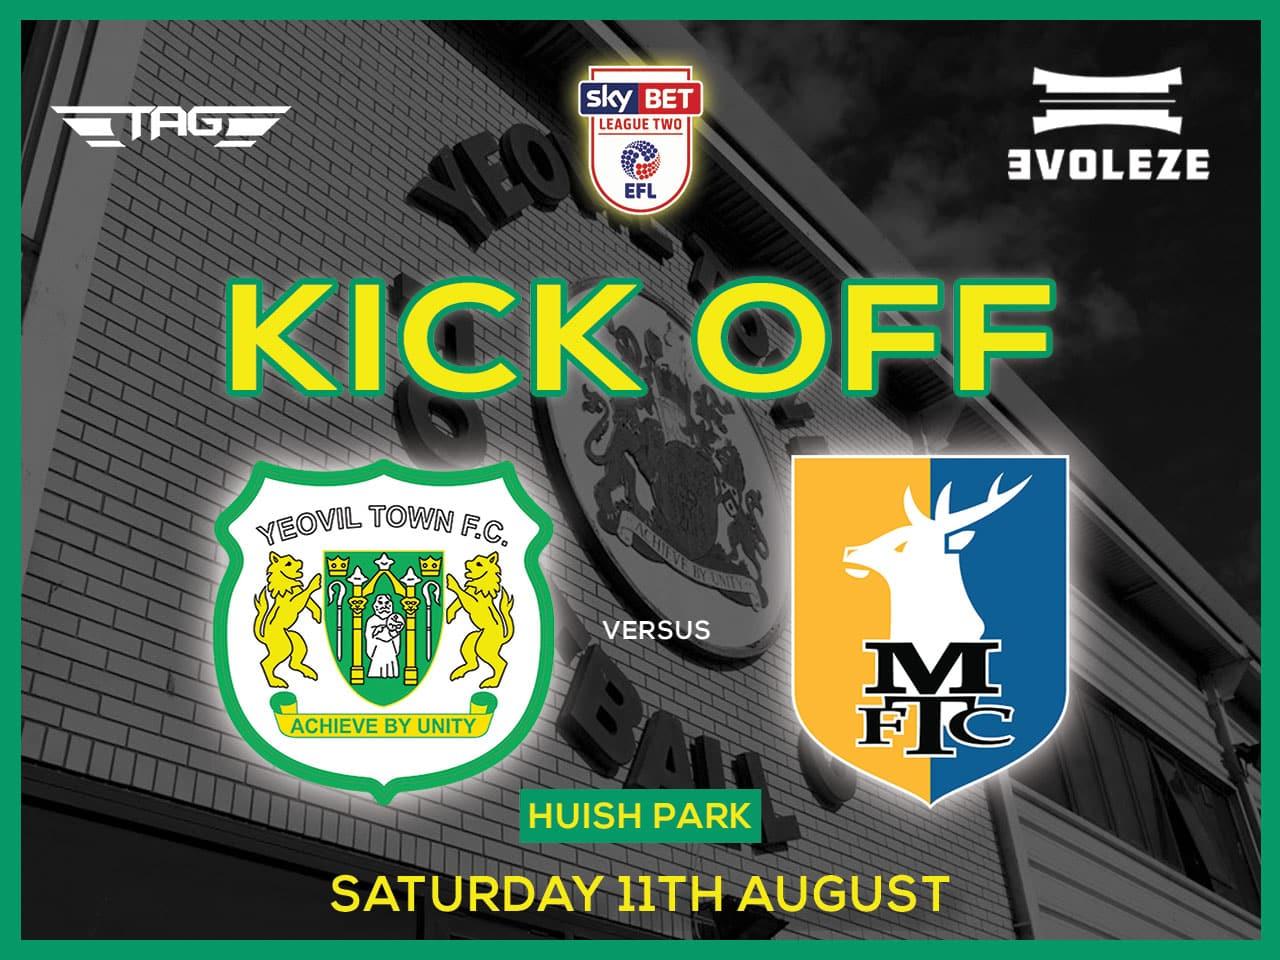 kick off Yeovil Town FC